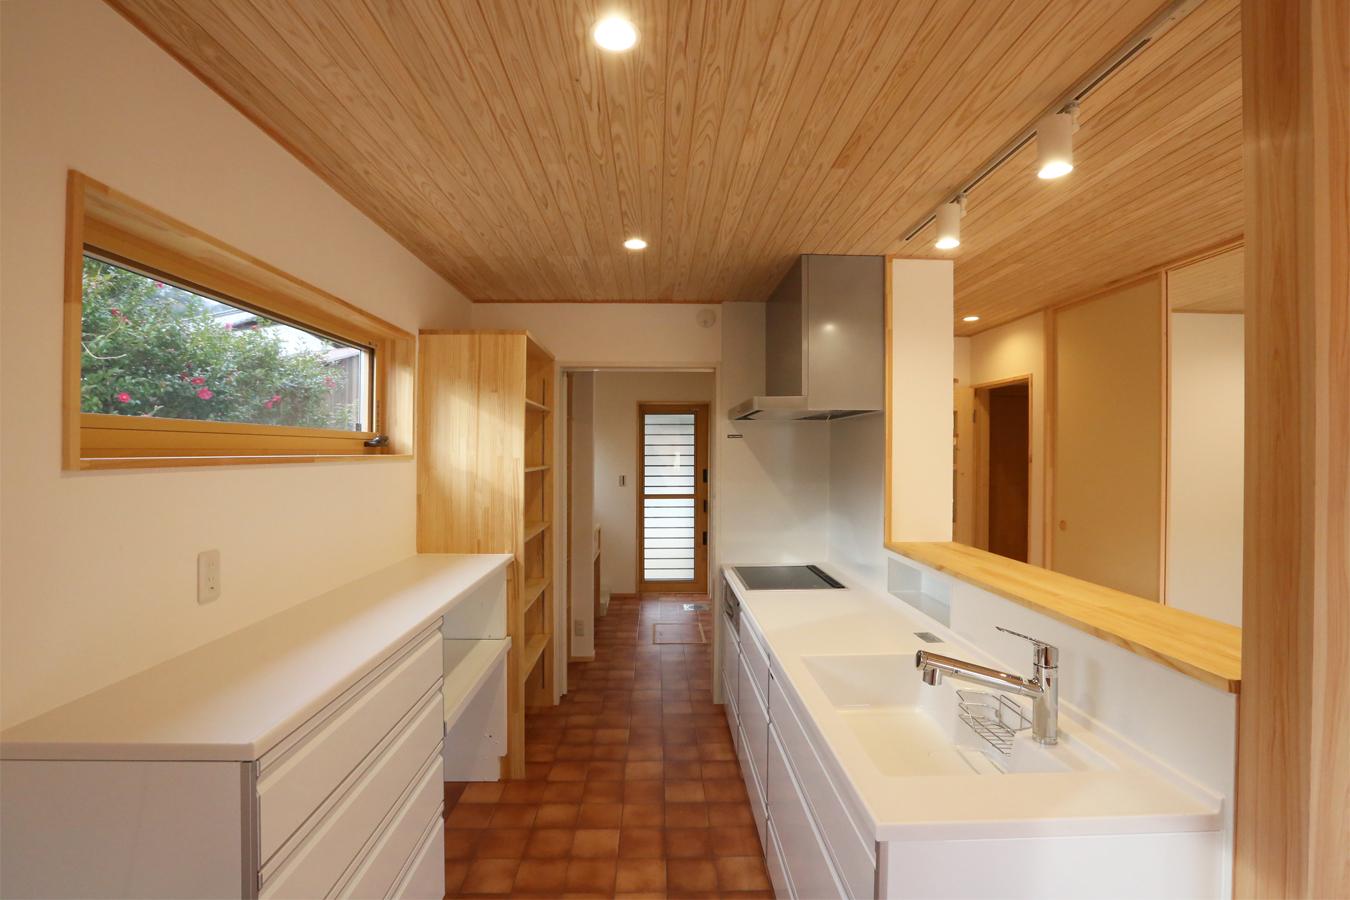 ストレスのない家事動線を実現する 横並びのキッチンと洗面浴室